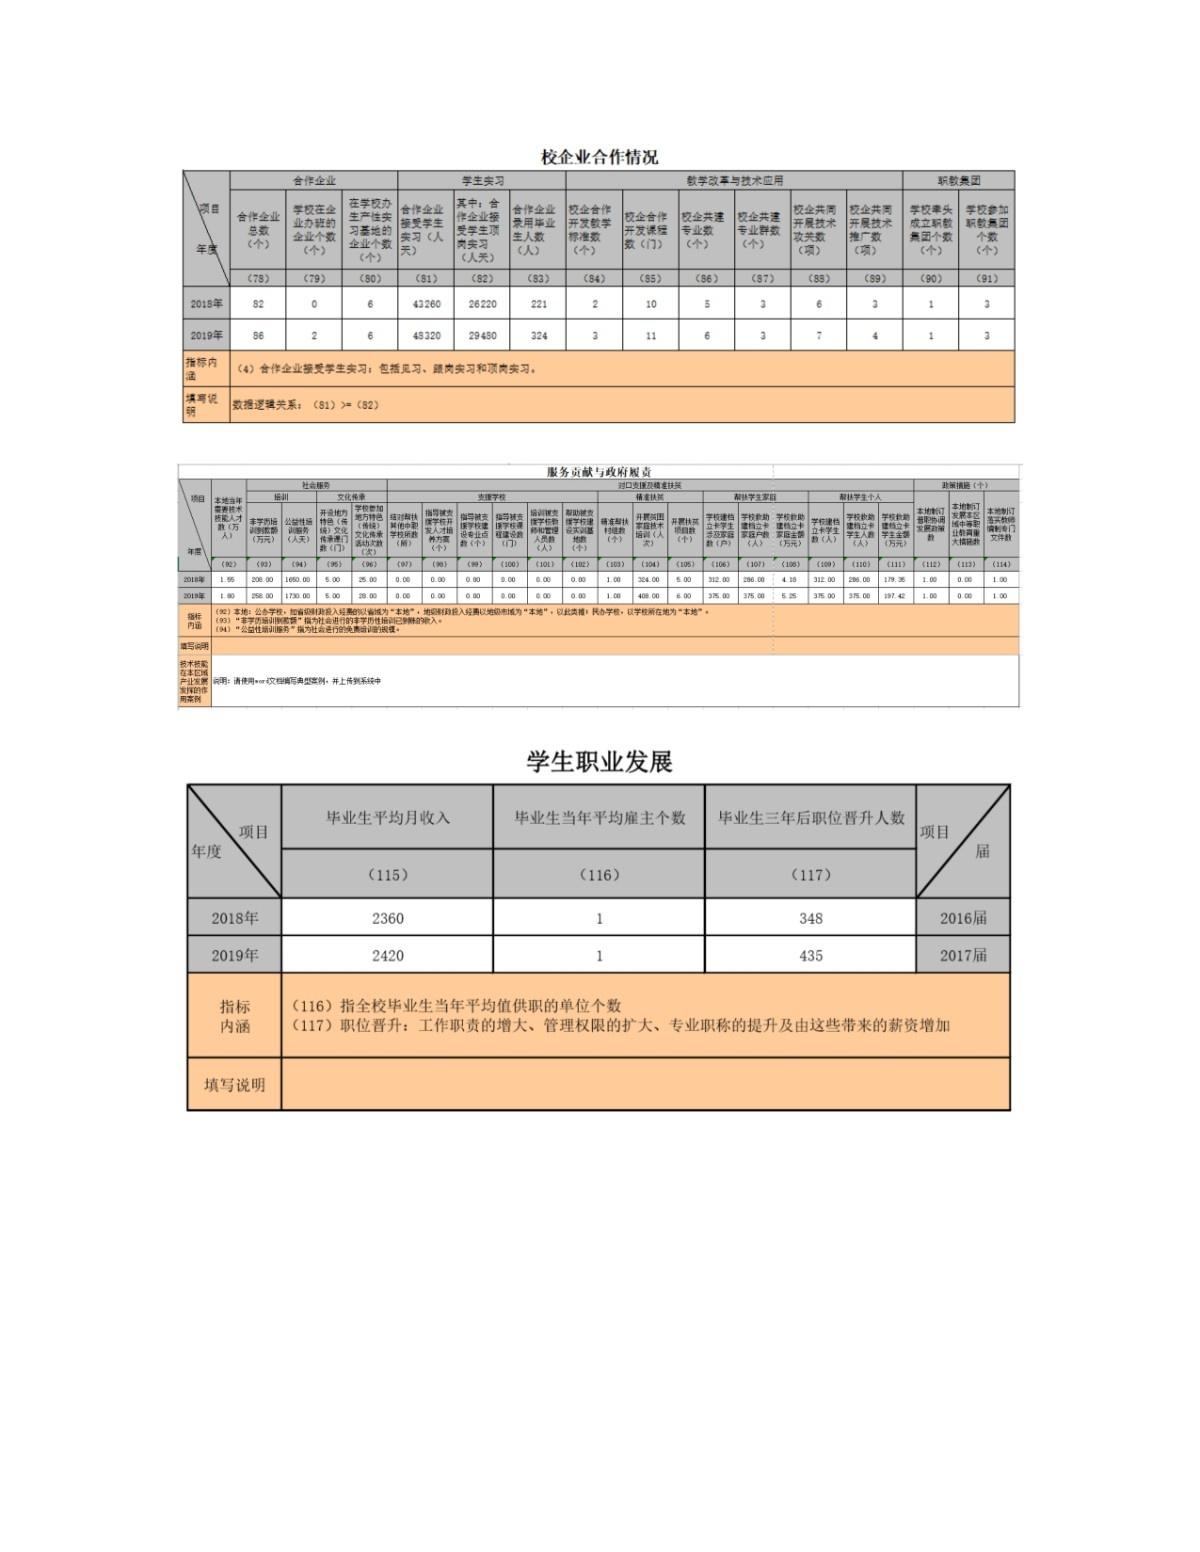 2019年度湖南省中等职业教育质量年度报告基础数据表_2.Jpeg